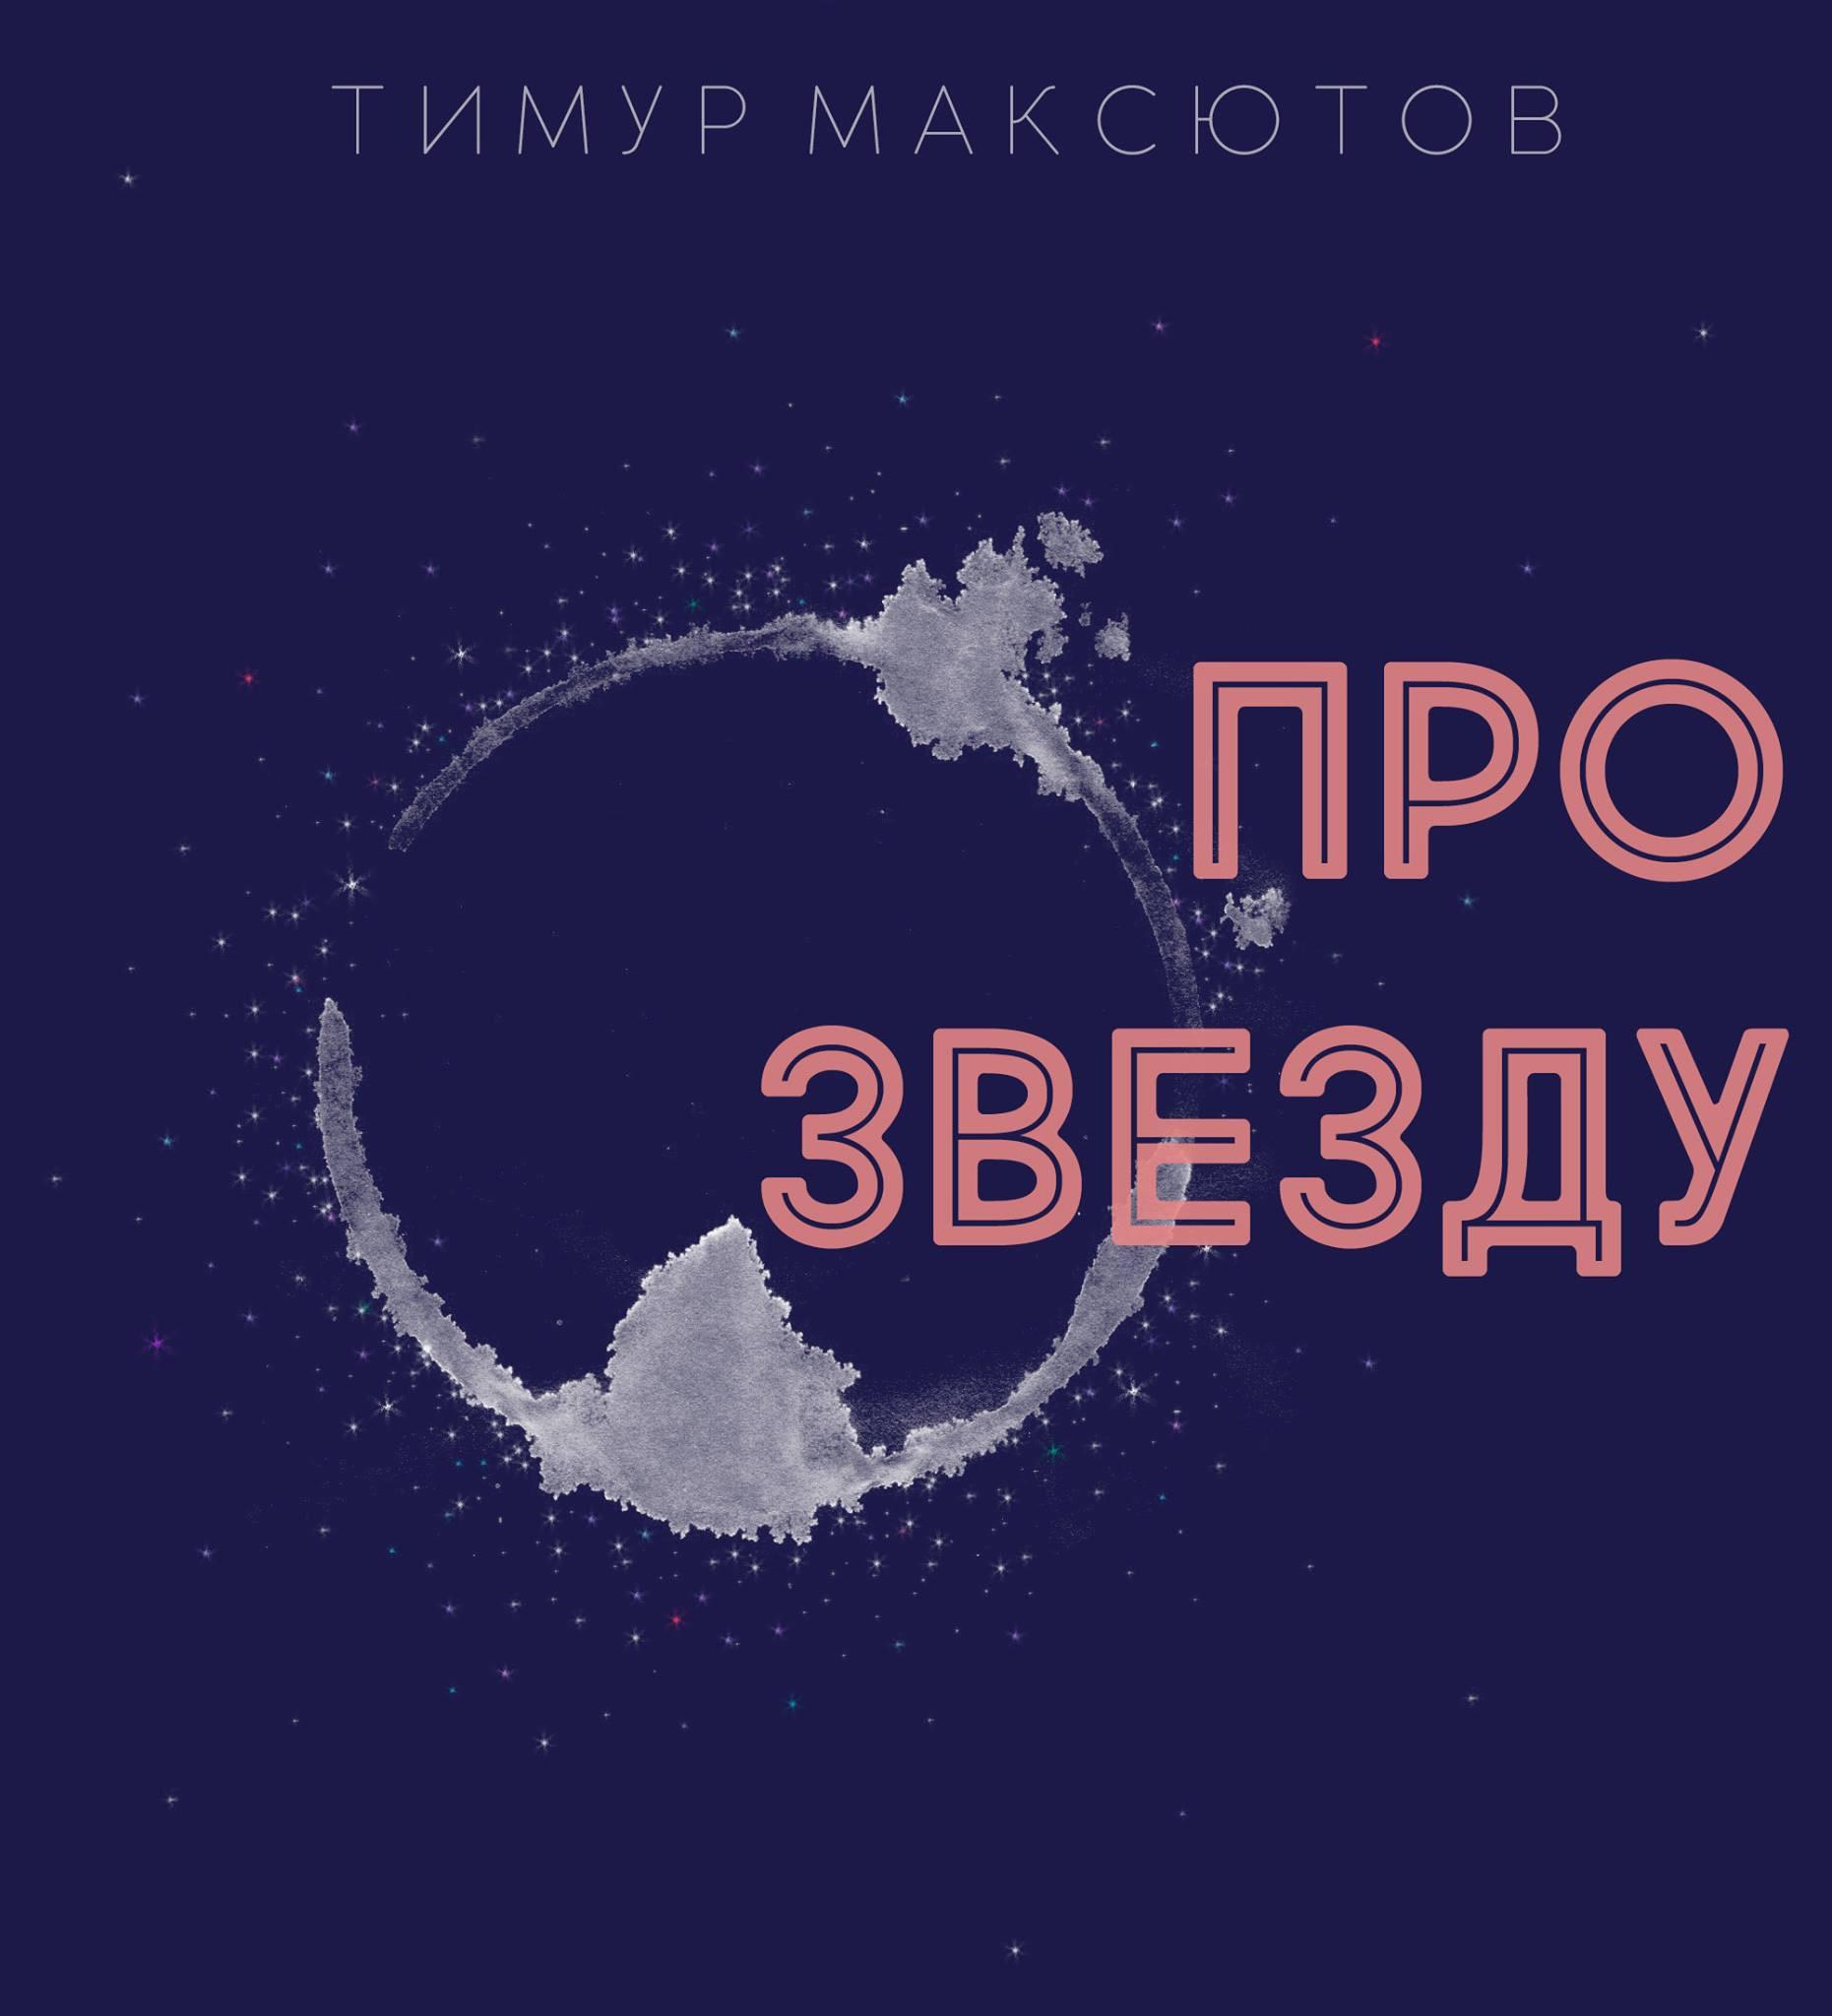 Тимур Максютов Про звезду (сборник) тимур максютов приключения капельки